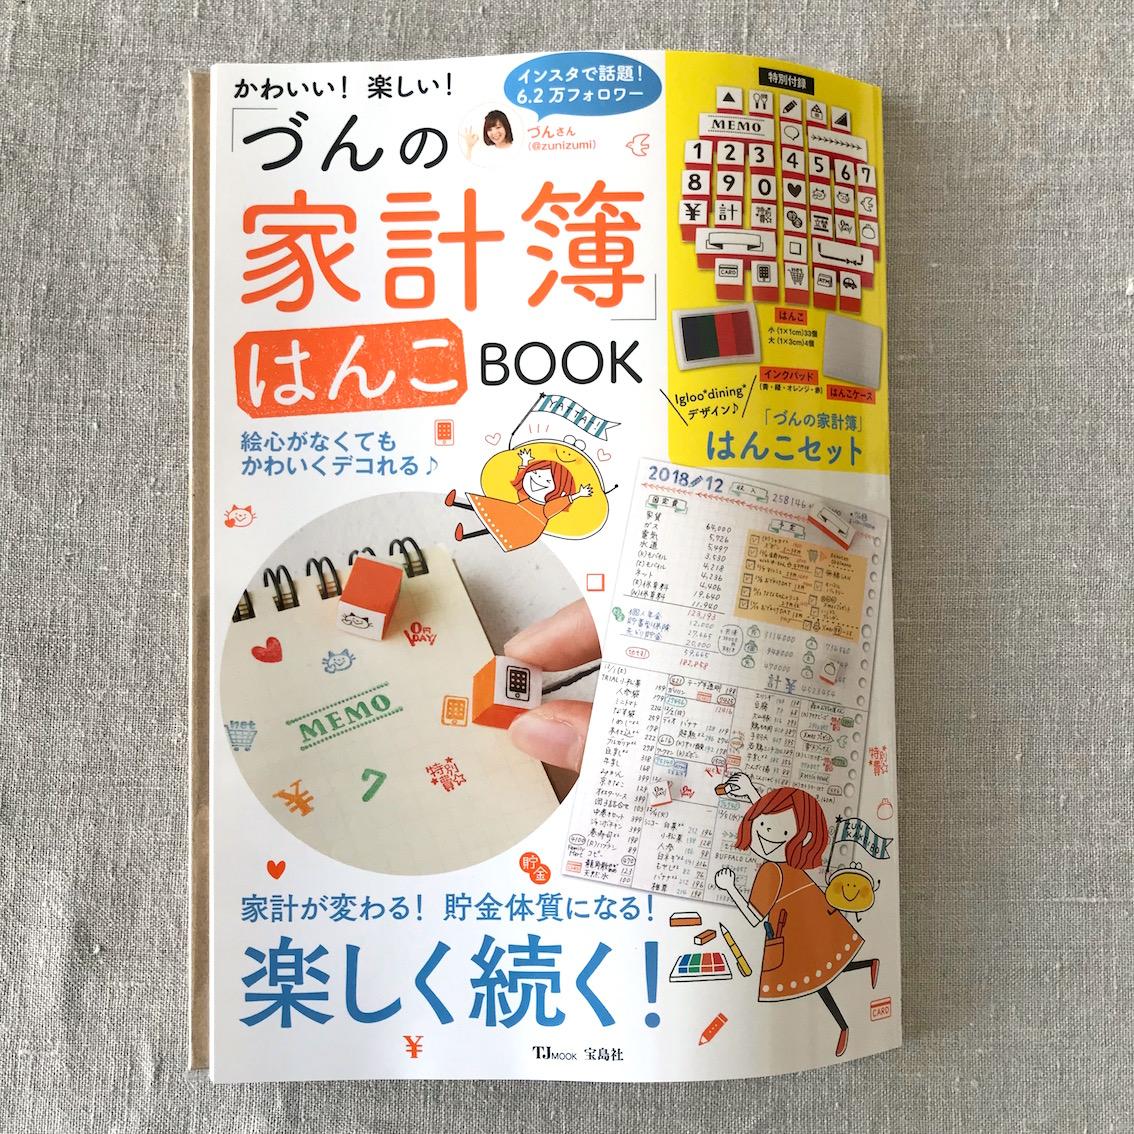 『づんの家計簿 はんこBOOK』!